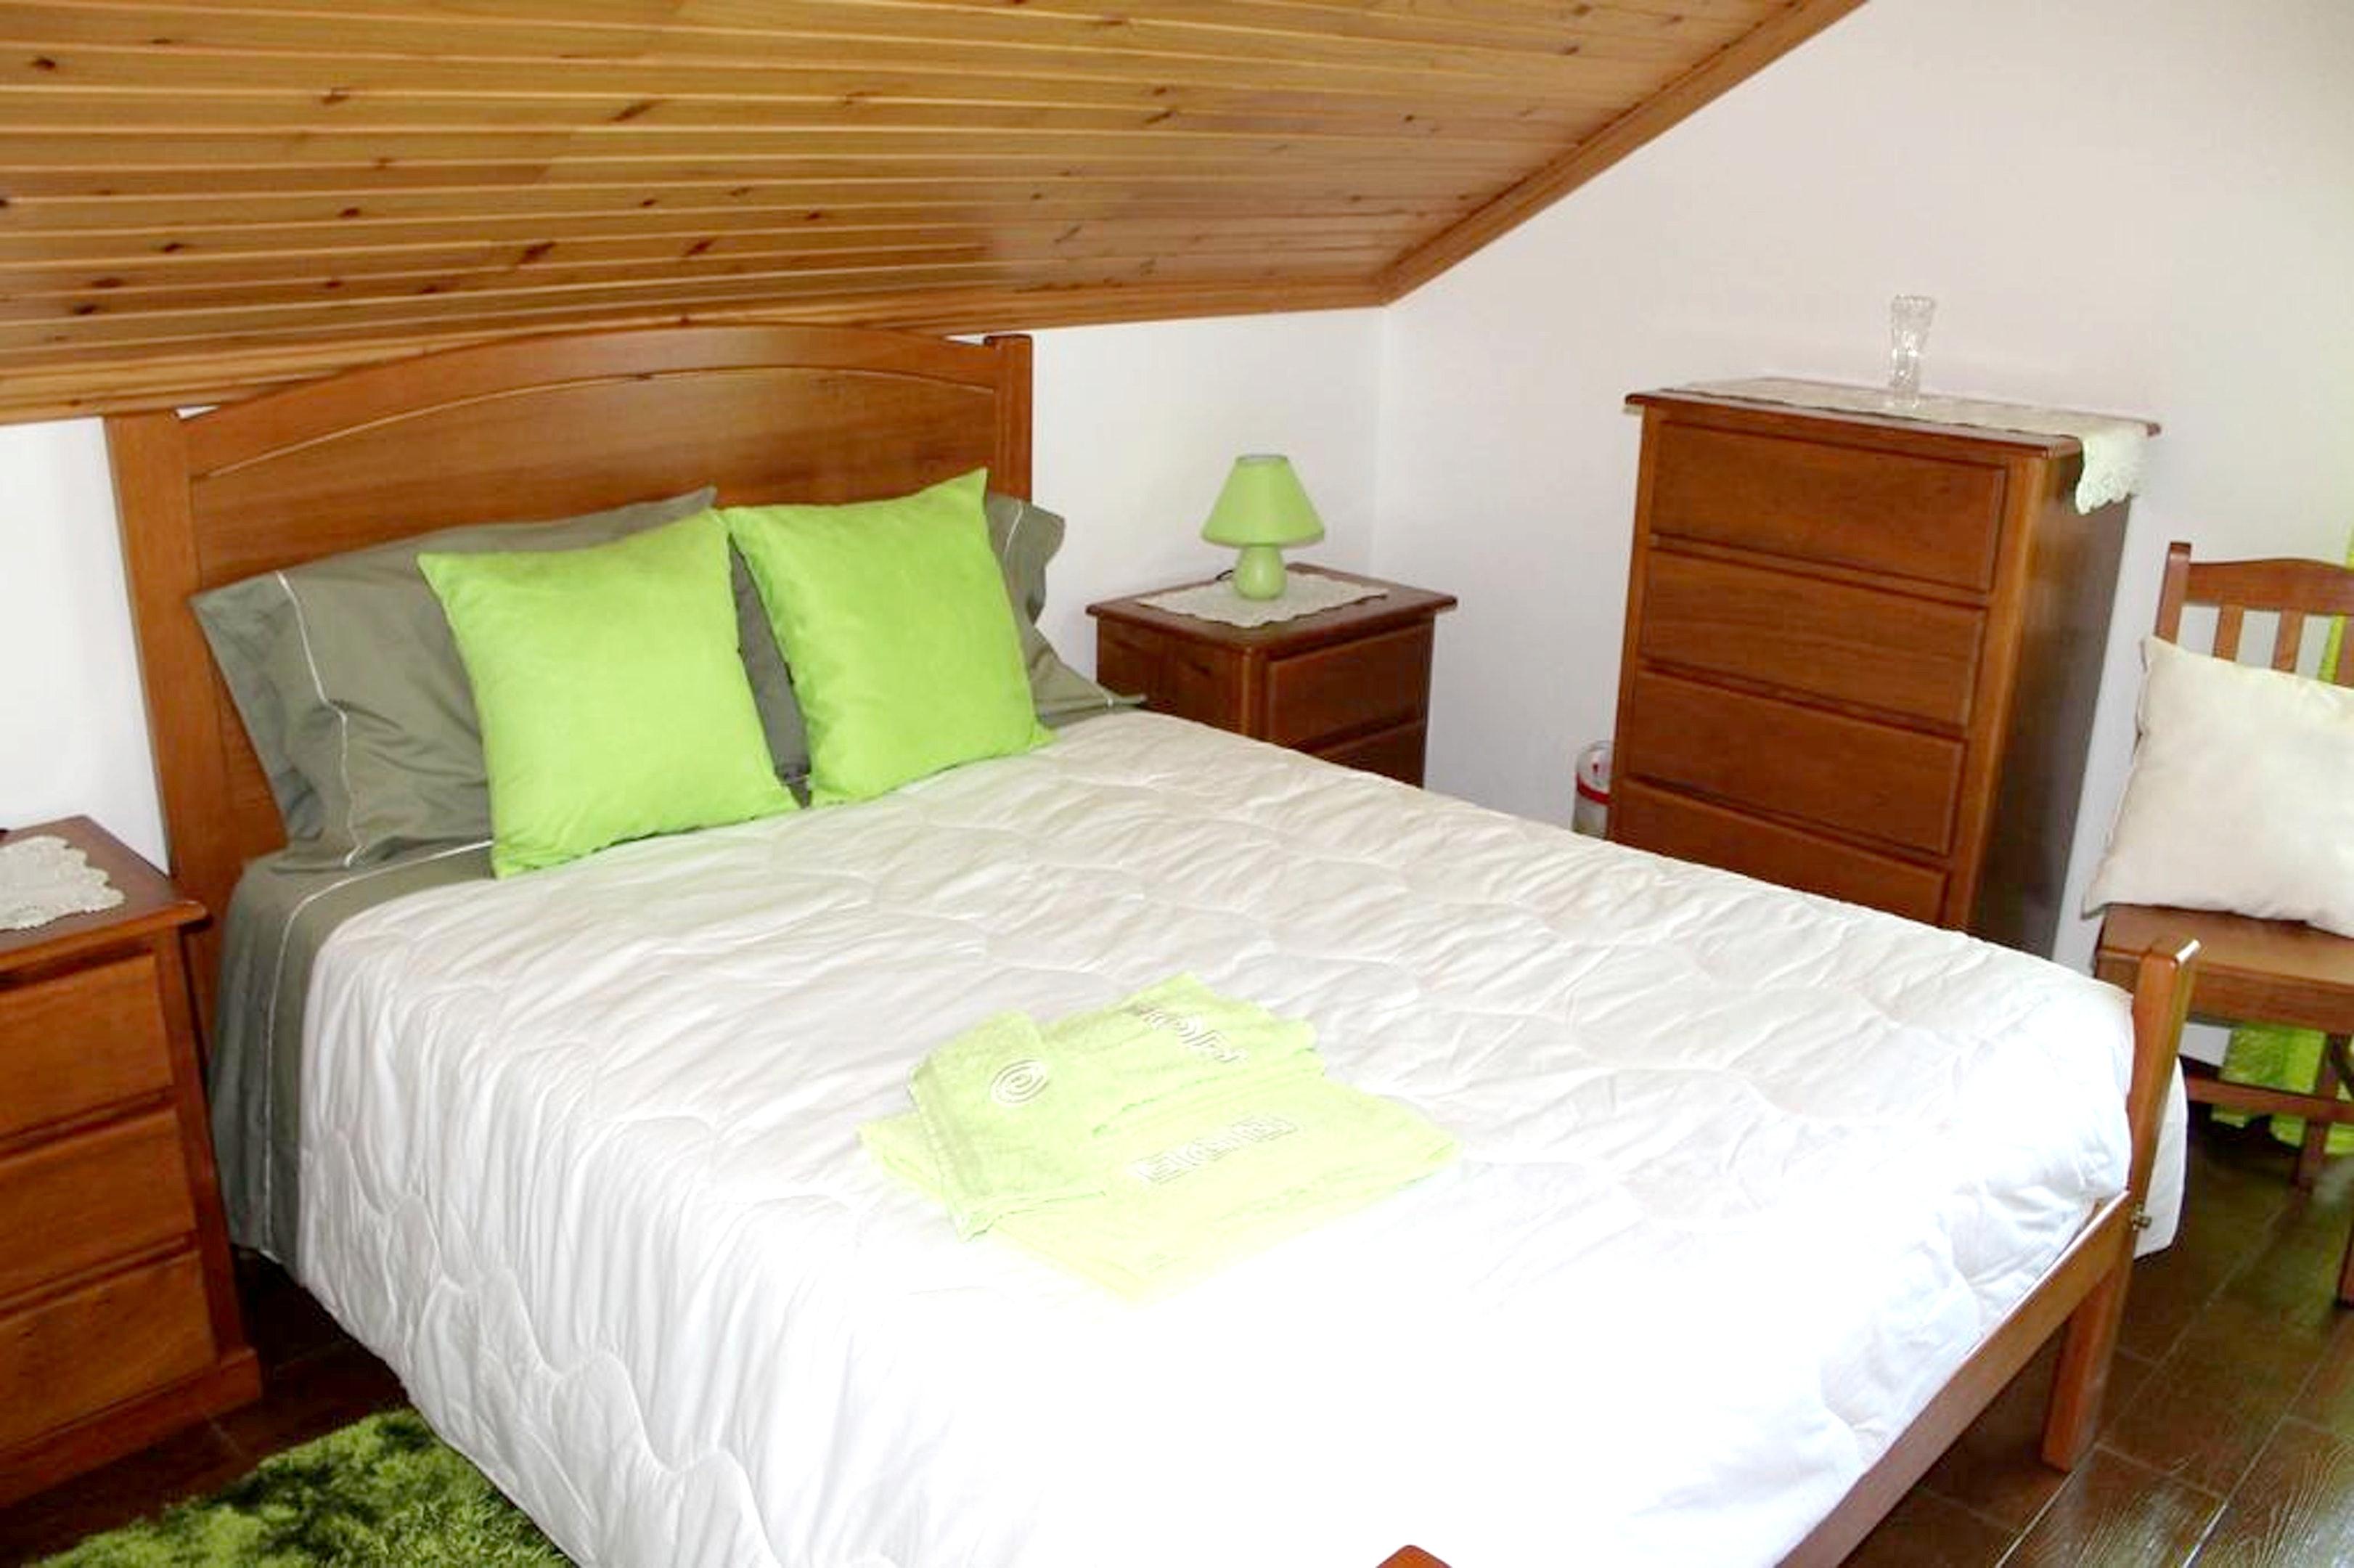 Ferienhaus Haus mit 3 Schlafzimmern in Prainha mit herrlichem Meerblick, eingezäuntem Garten und W-LA (2683894), Prainha, Pico, Azoren, Portugal, Bild 18